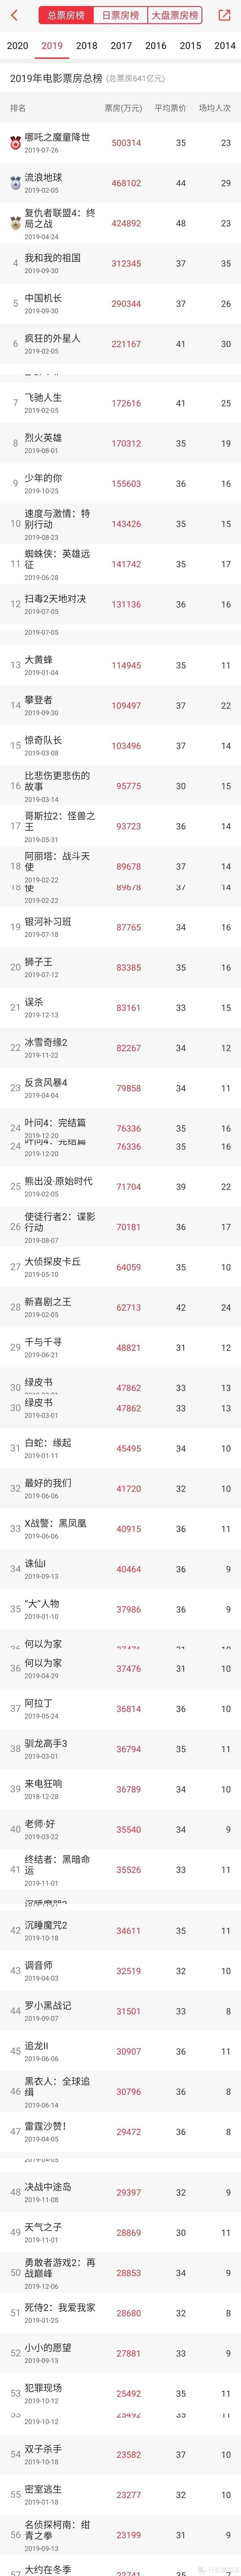 盘点2019年华语电影票房排行榜top10